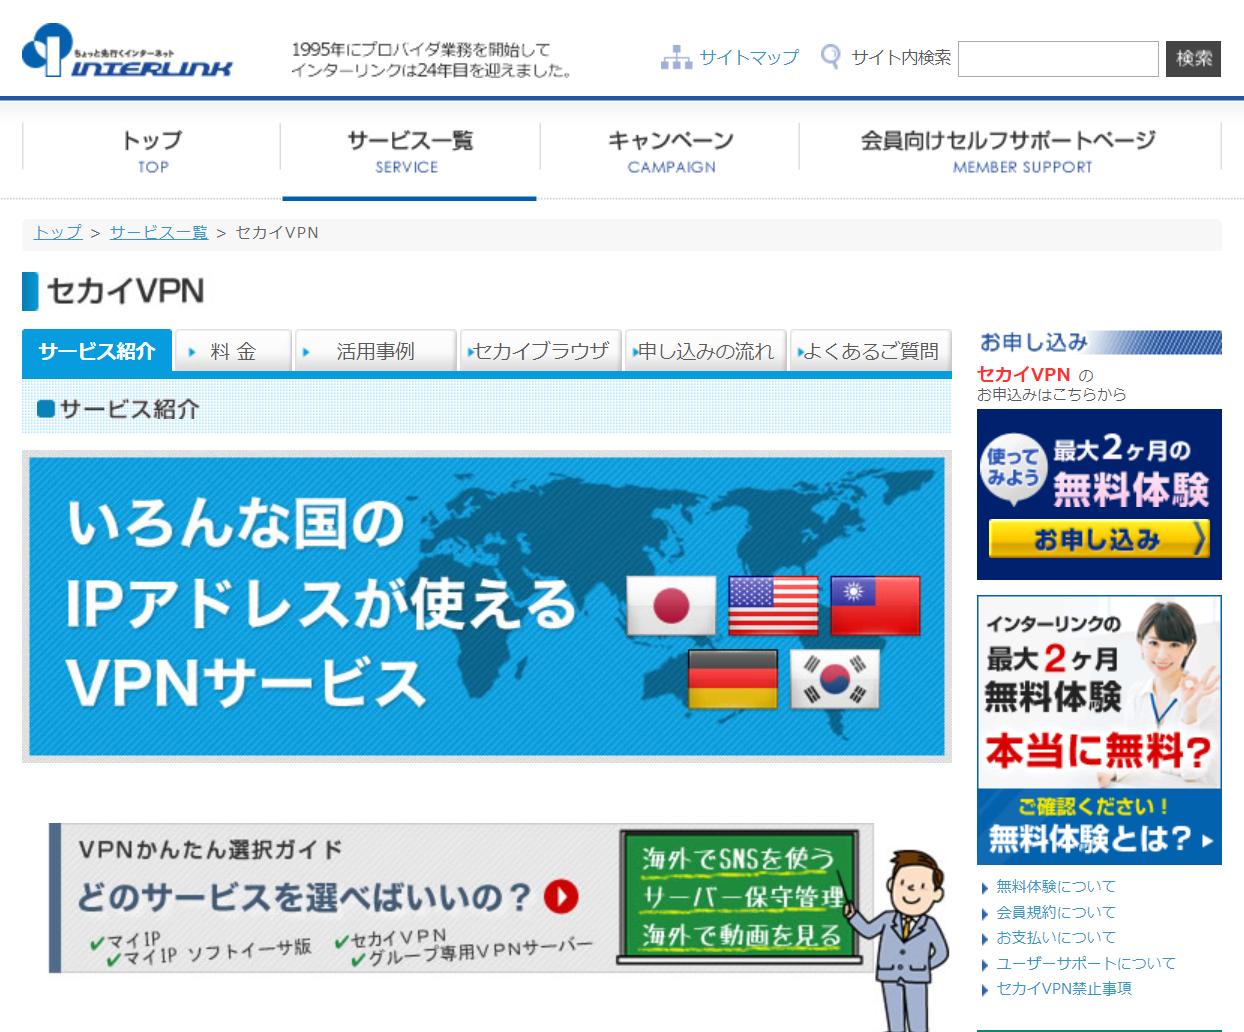 セカイVPNの中国での評判とメリットデメリット12個|中国メモ